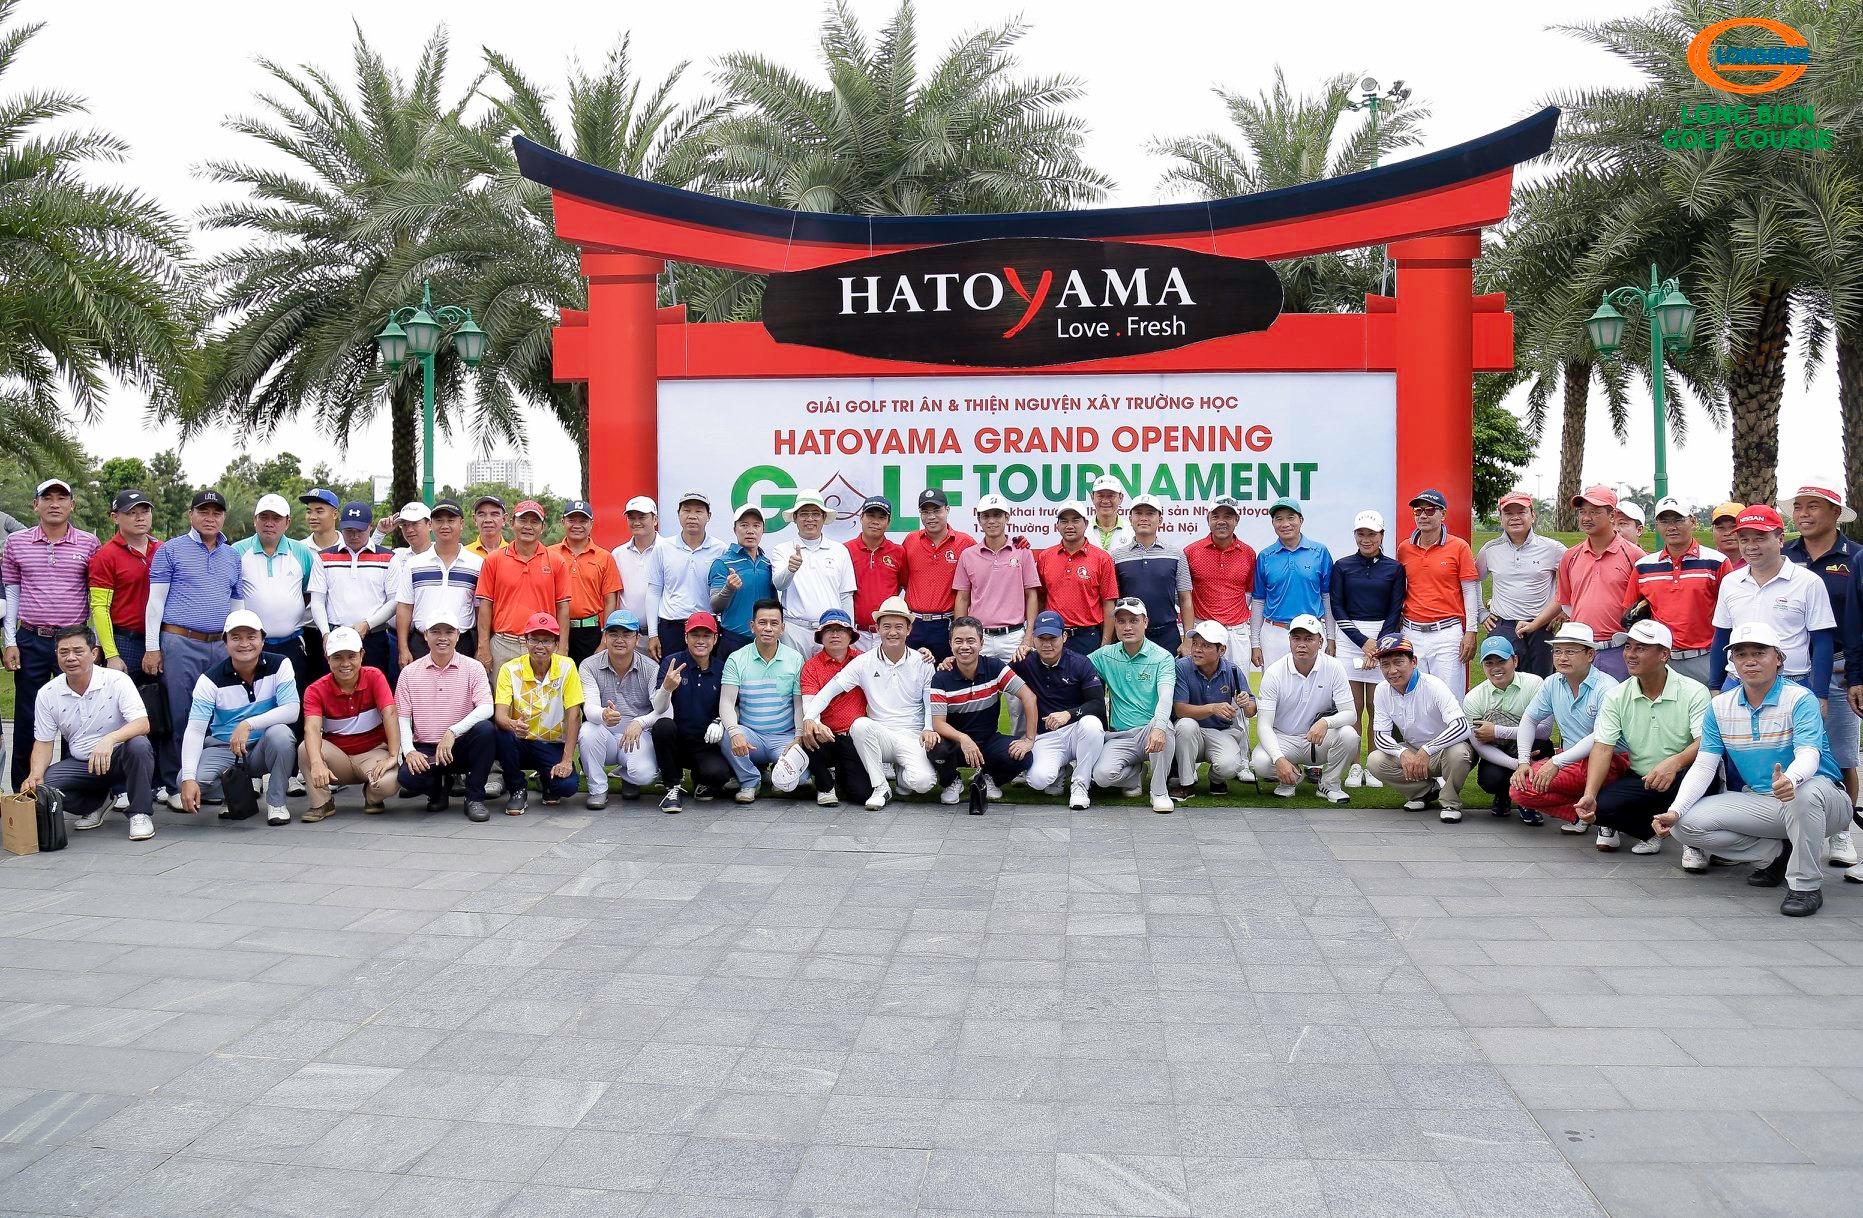 HATOYAMA GRAND OPENING GOLF TOURNAMENT - GIẢI GOLF TRI ÂN VÀ THIỆN NGUYỆN XÂY TRƯỜNG HỌC